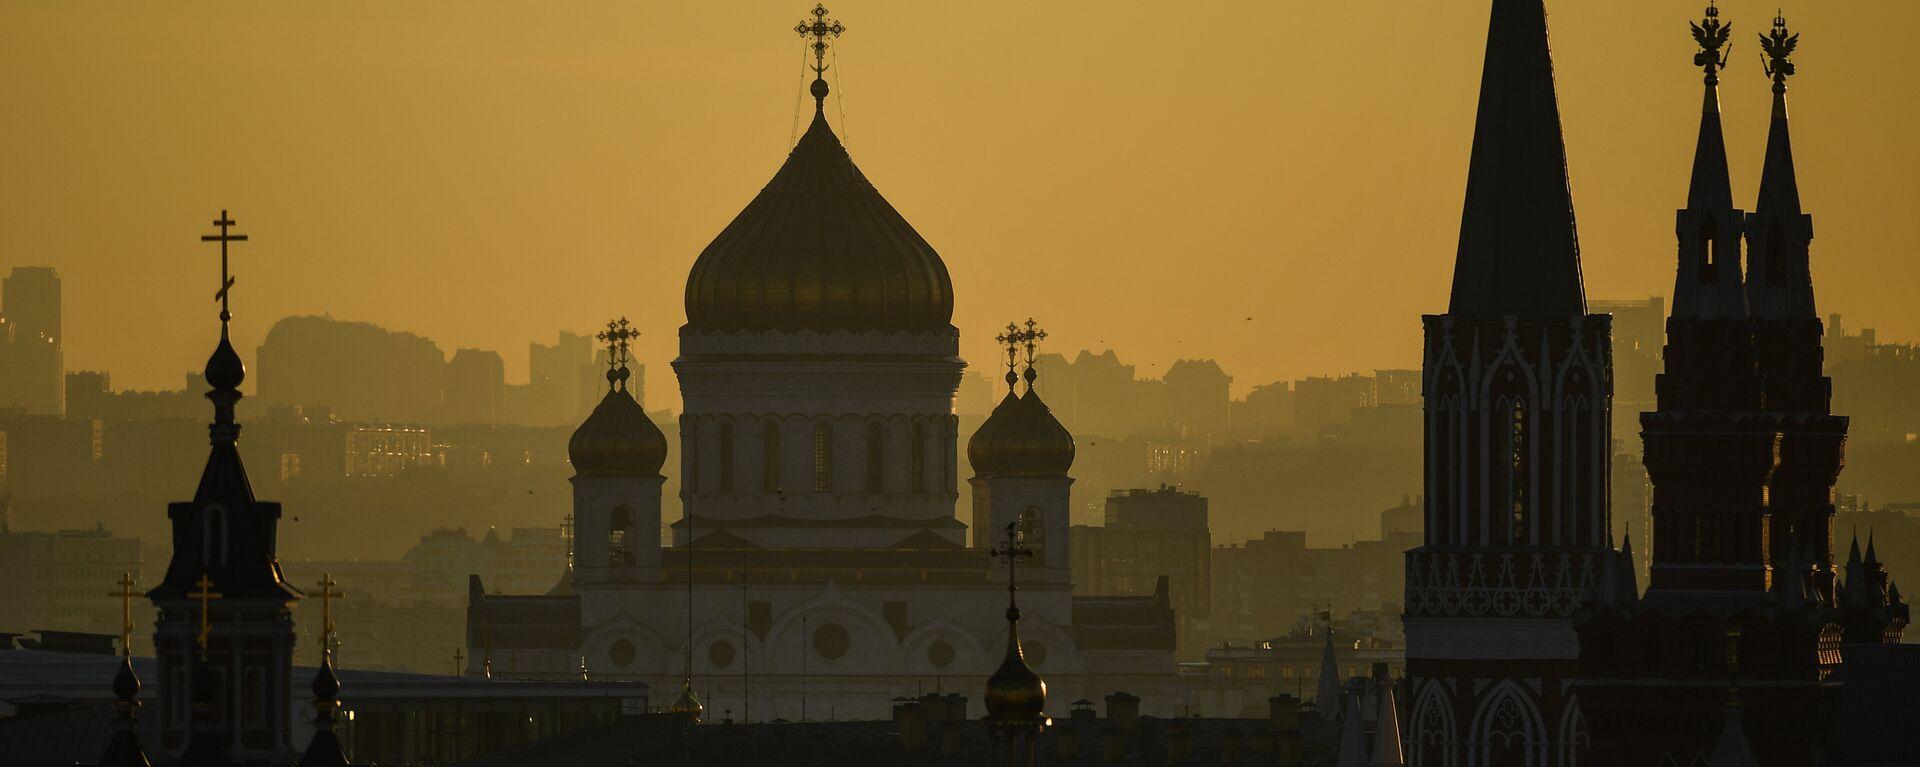 Поглед на храм Христа Спаситеља у Москви - Sputnik Србија, 1920, 22.05.2021